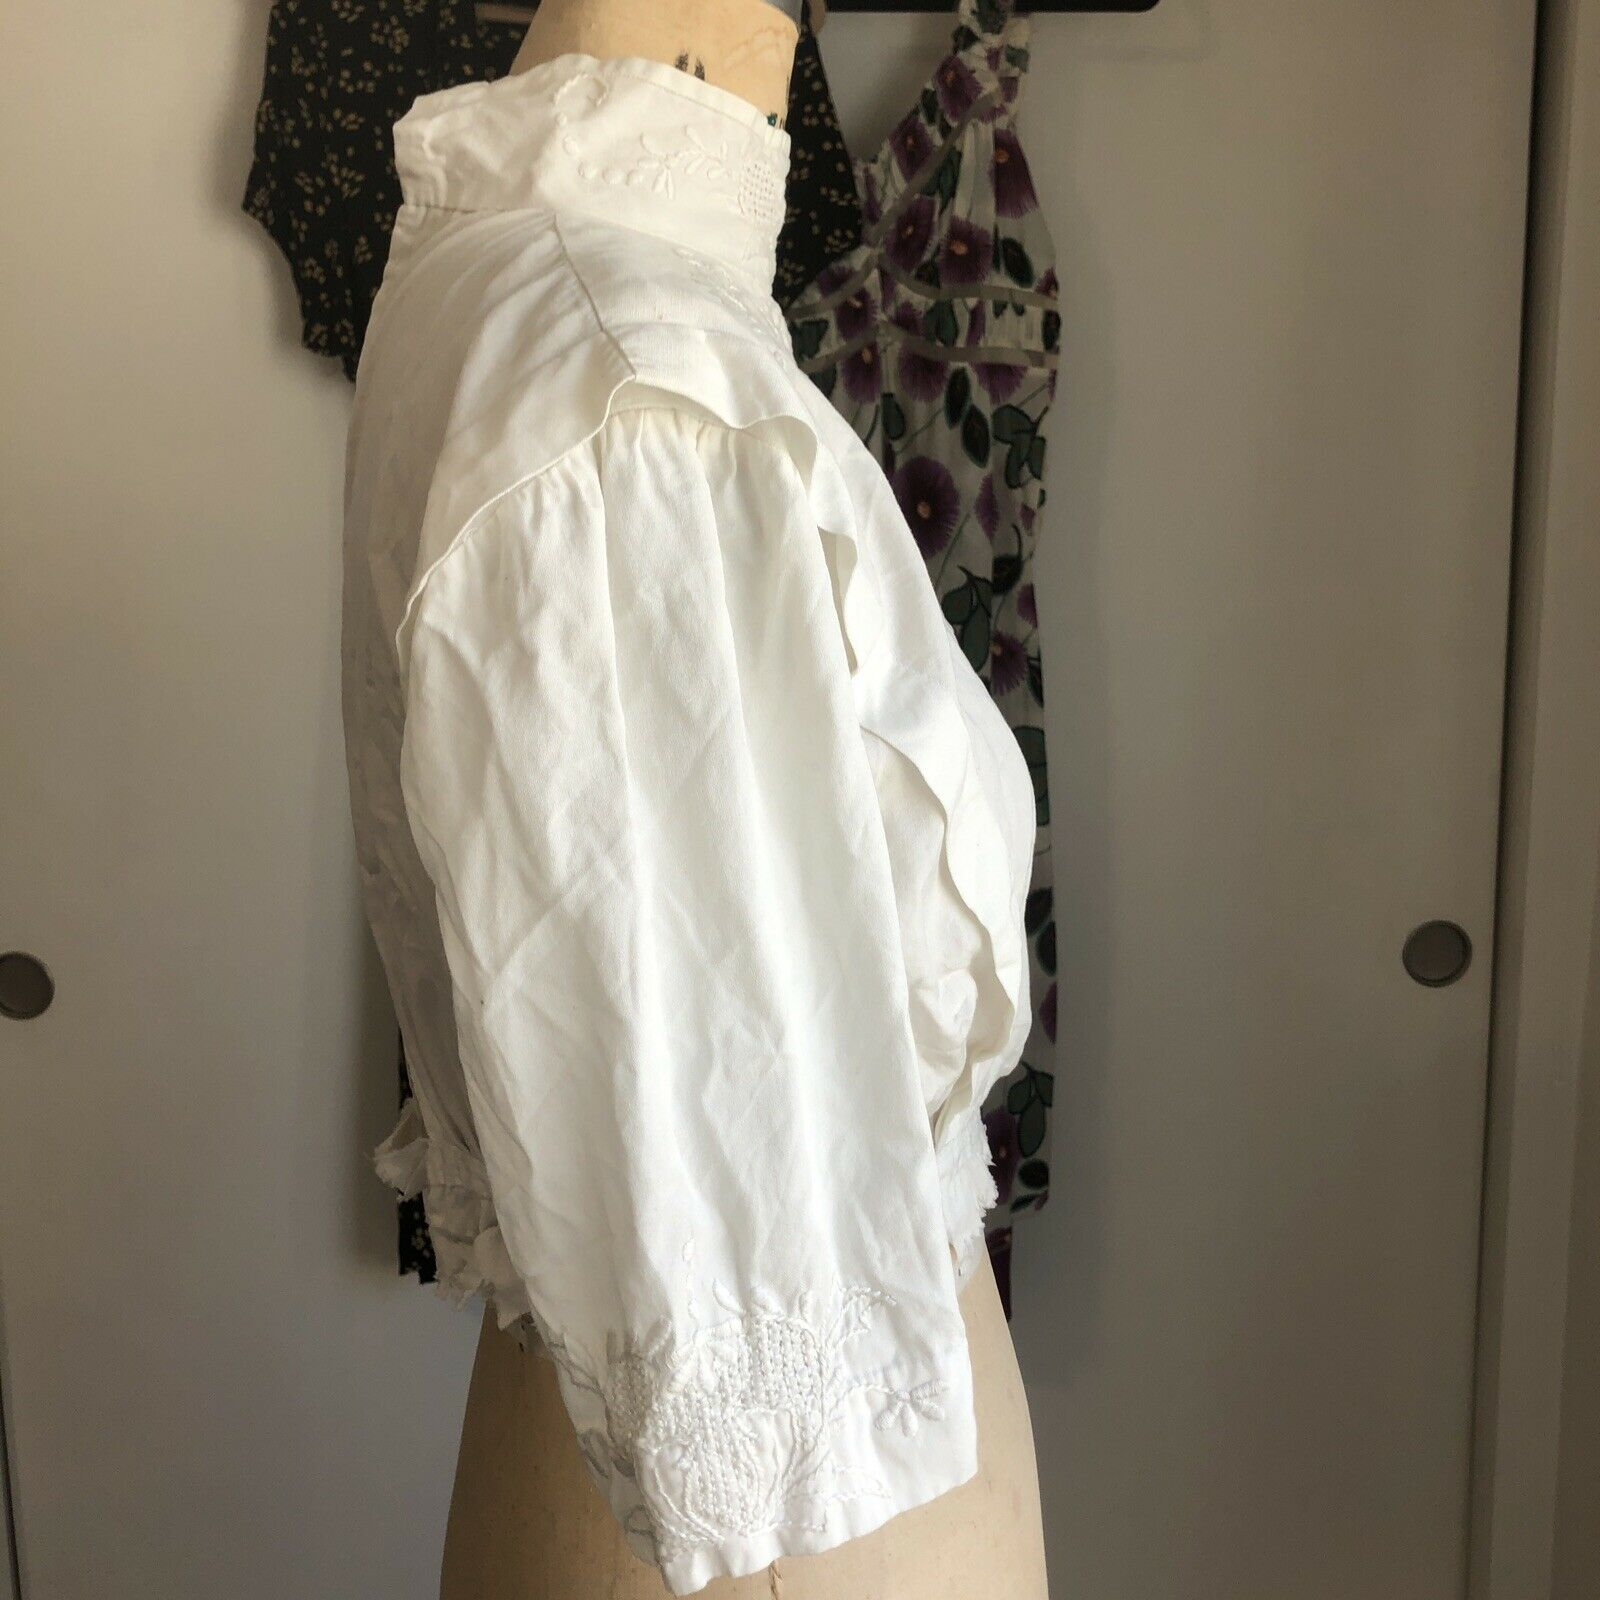 Antique White Embroidered Edwardian Bodice Blouse - image 6